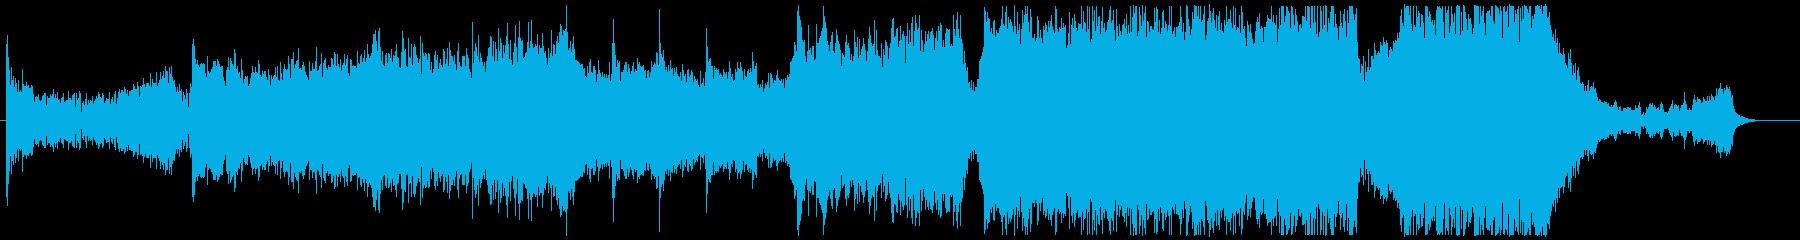 壮大でヒロイックなエピックロック曲の再生済みの波形